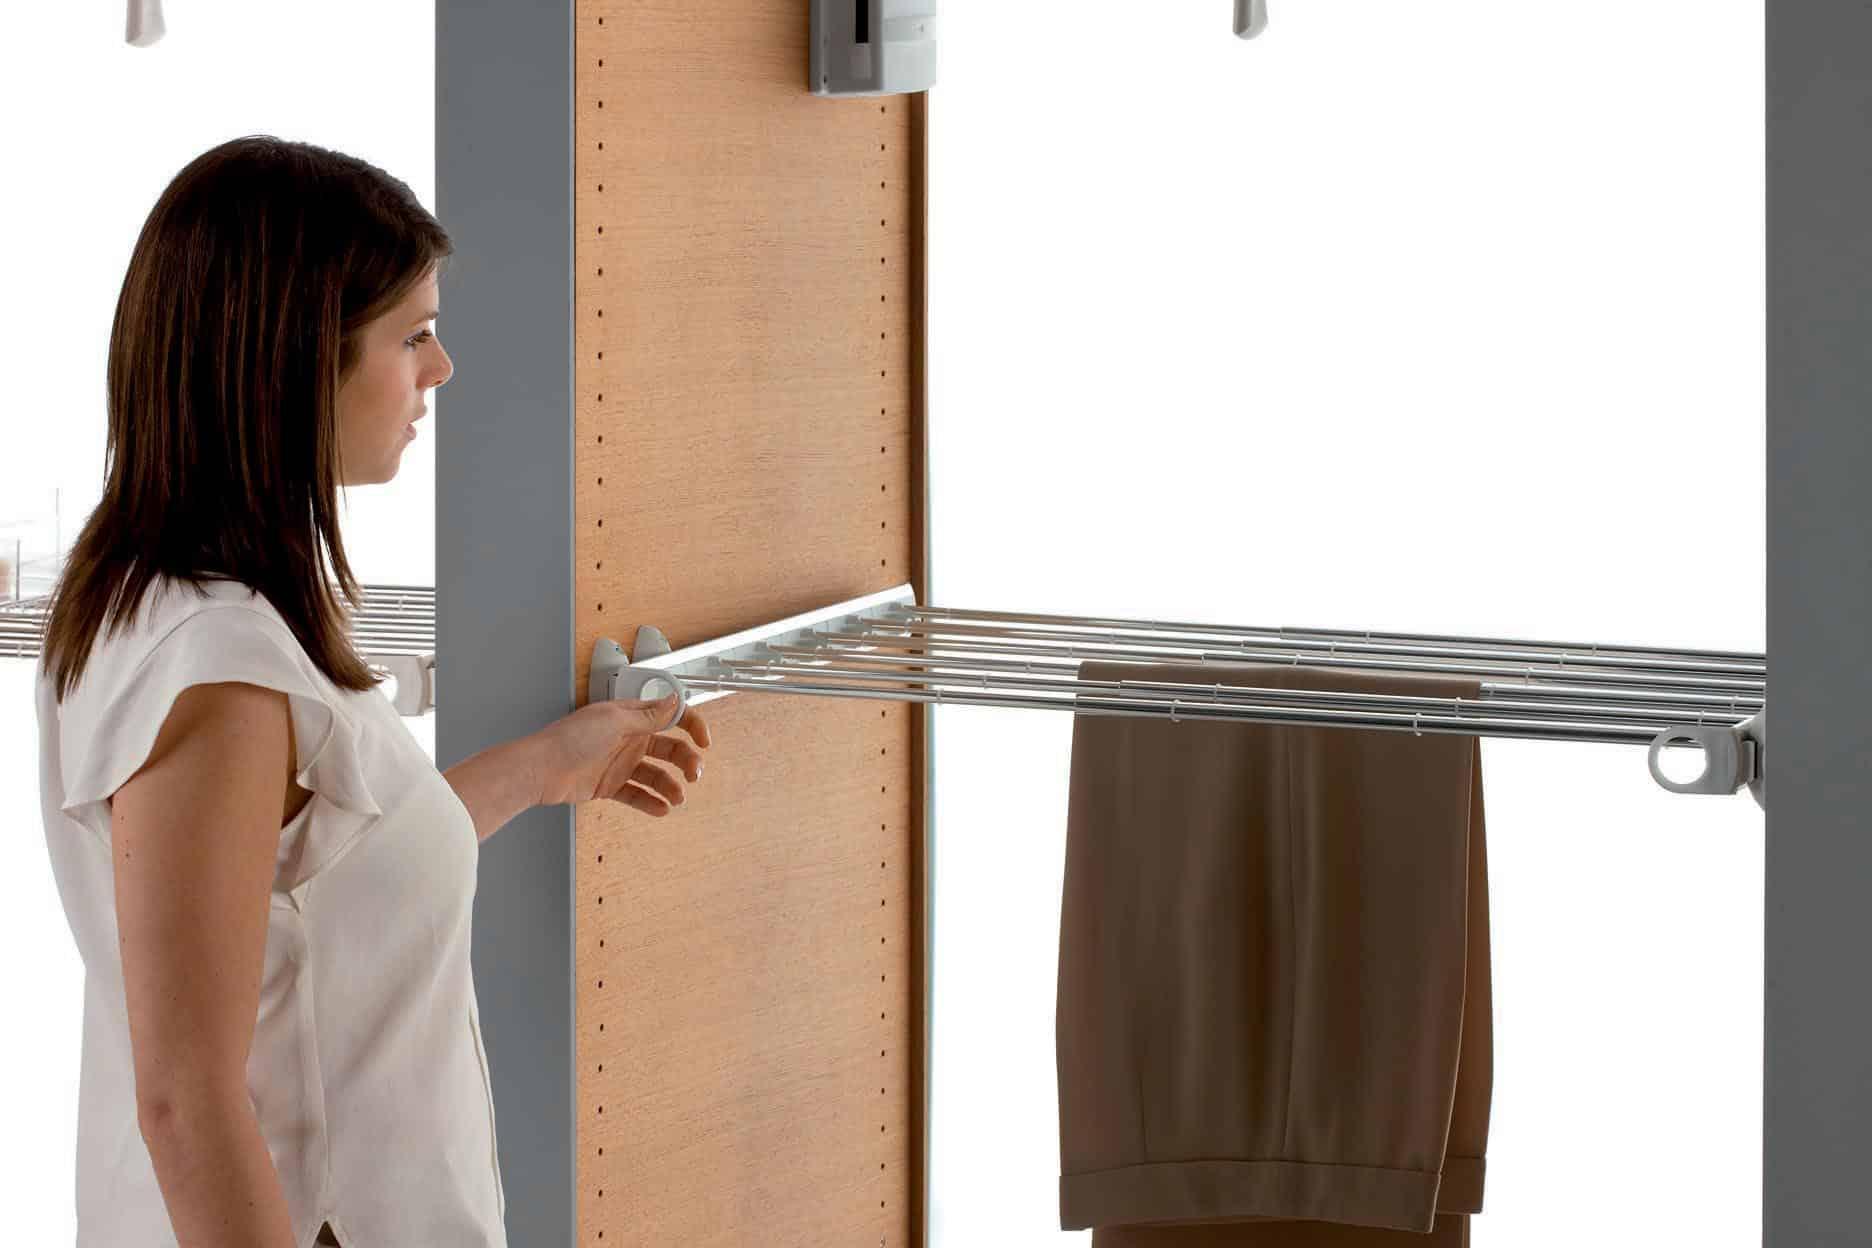 porta pantaloni estraibile per cabina armadio resistente Servetto quanlità made in italy tuttoferramenta